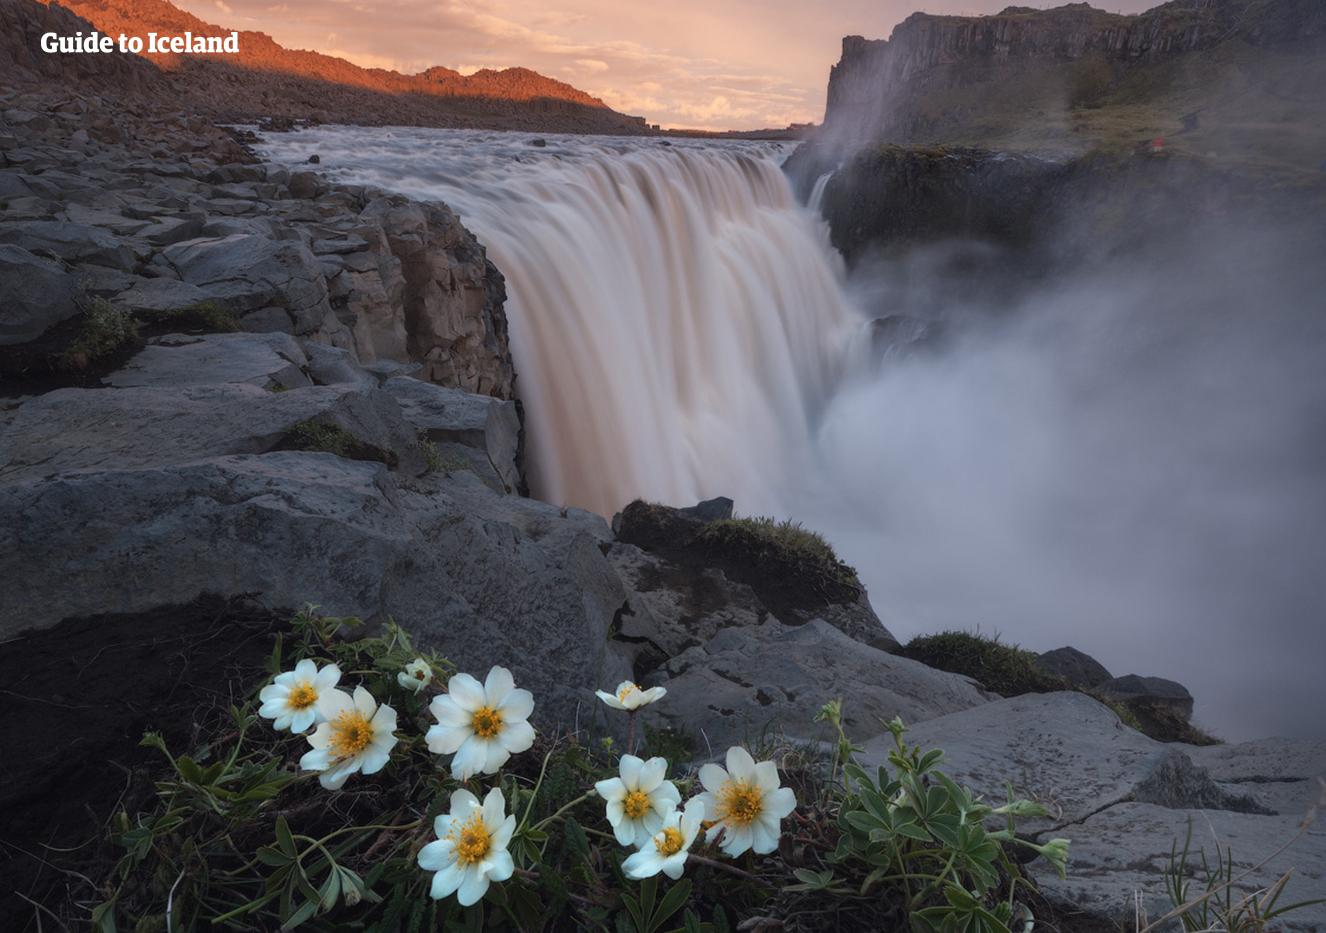 Jeden z malowniczych wodospadów, z których słynie Islandia.